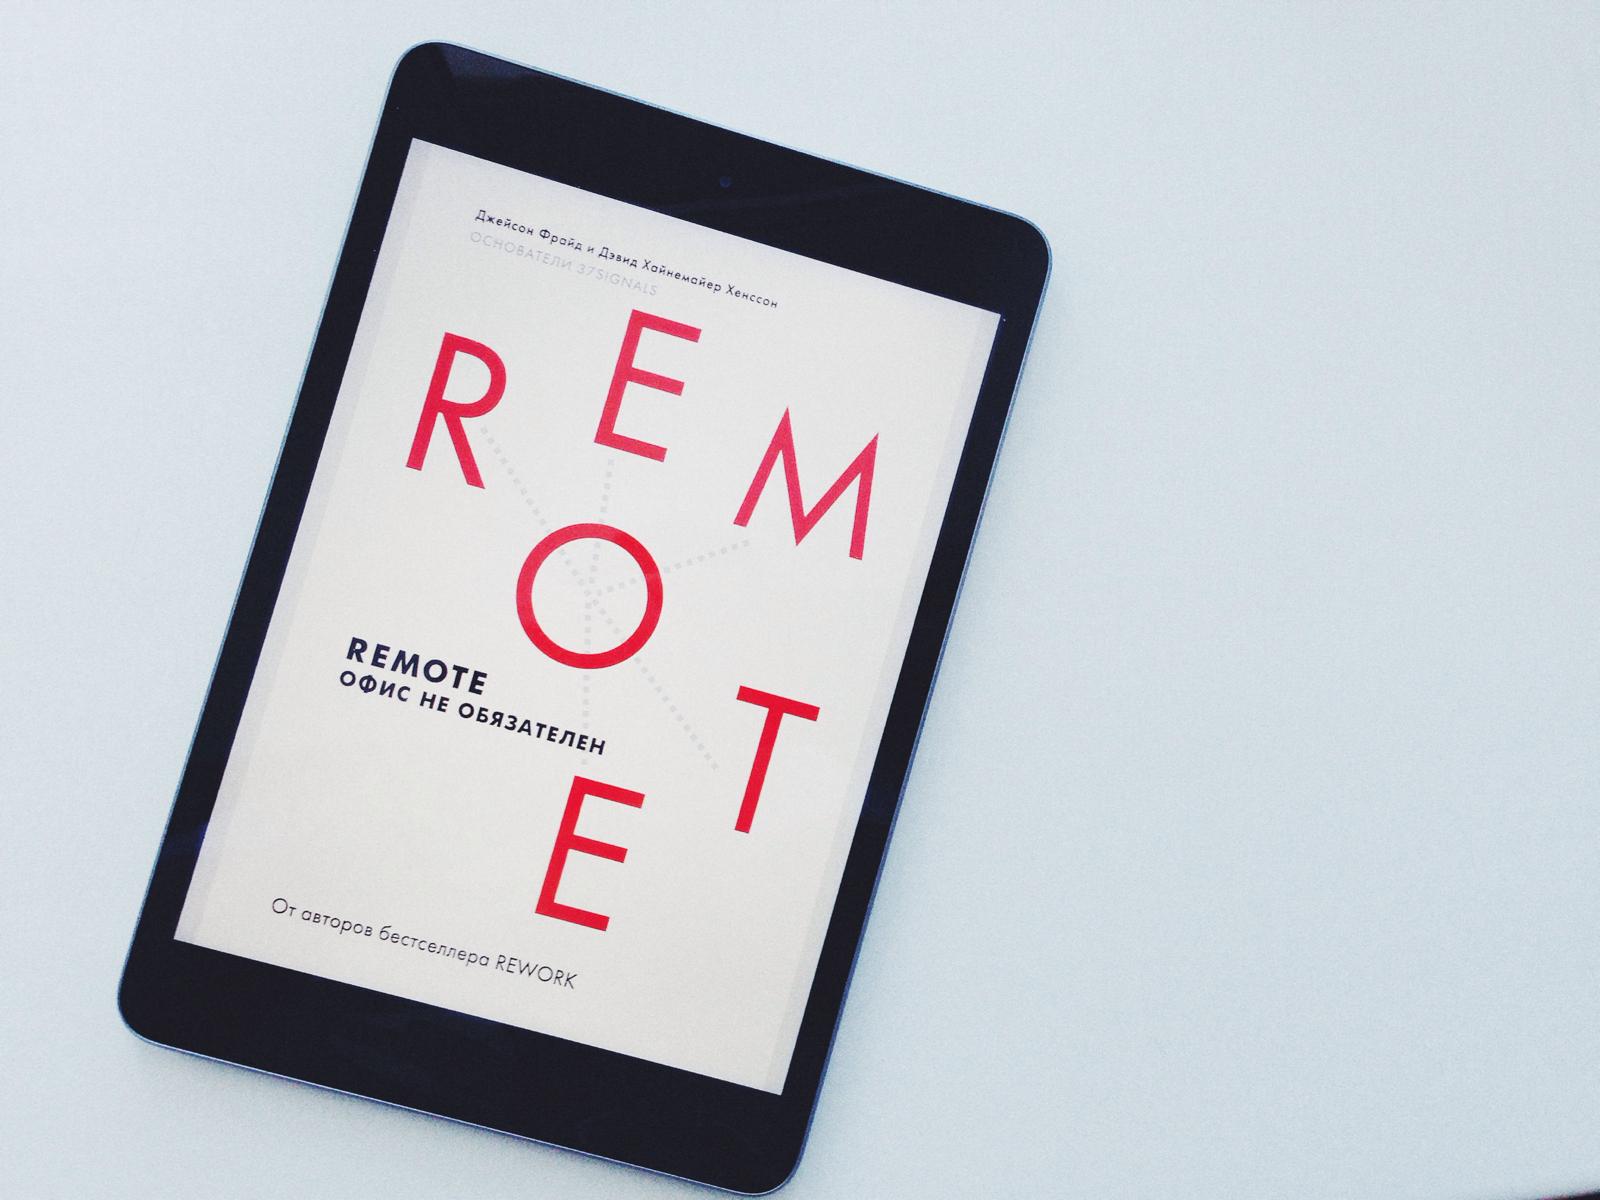 РЕЦЕНЗИЯ: «Remote. Офис не обязателен», Джейсон Фрайд, Дэвид Хайнемайер Хенссон